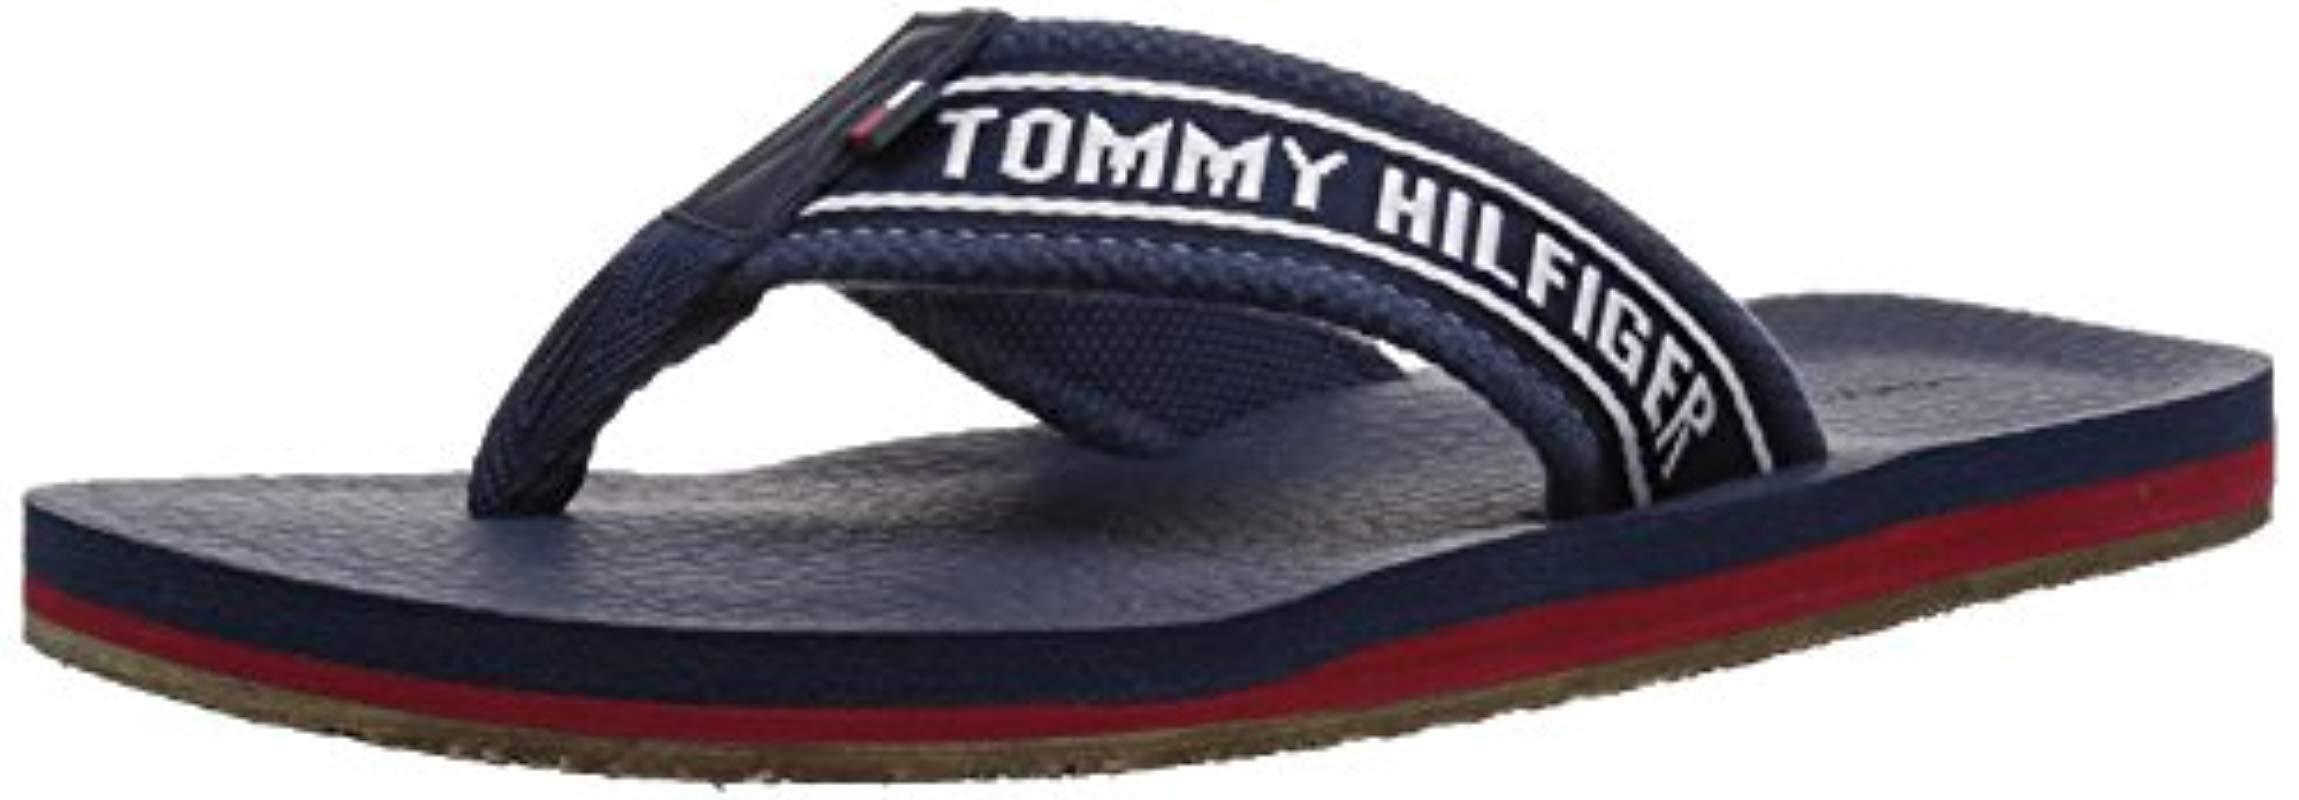 aff25bdb9da6e Lyst - Tommy Hilfiger Doland Sandal in Blue - Save 38%